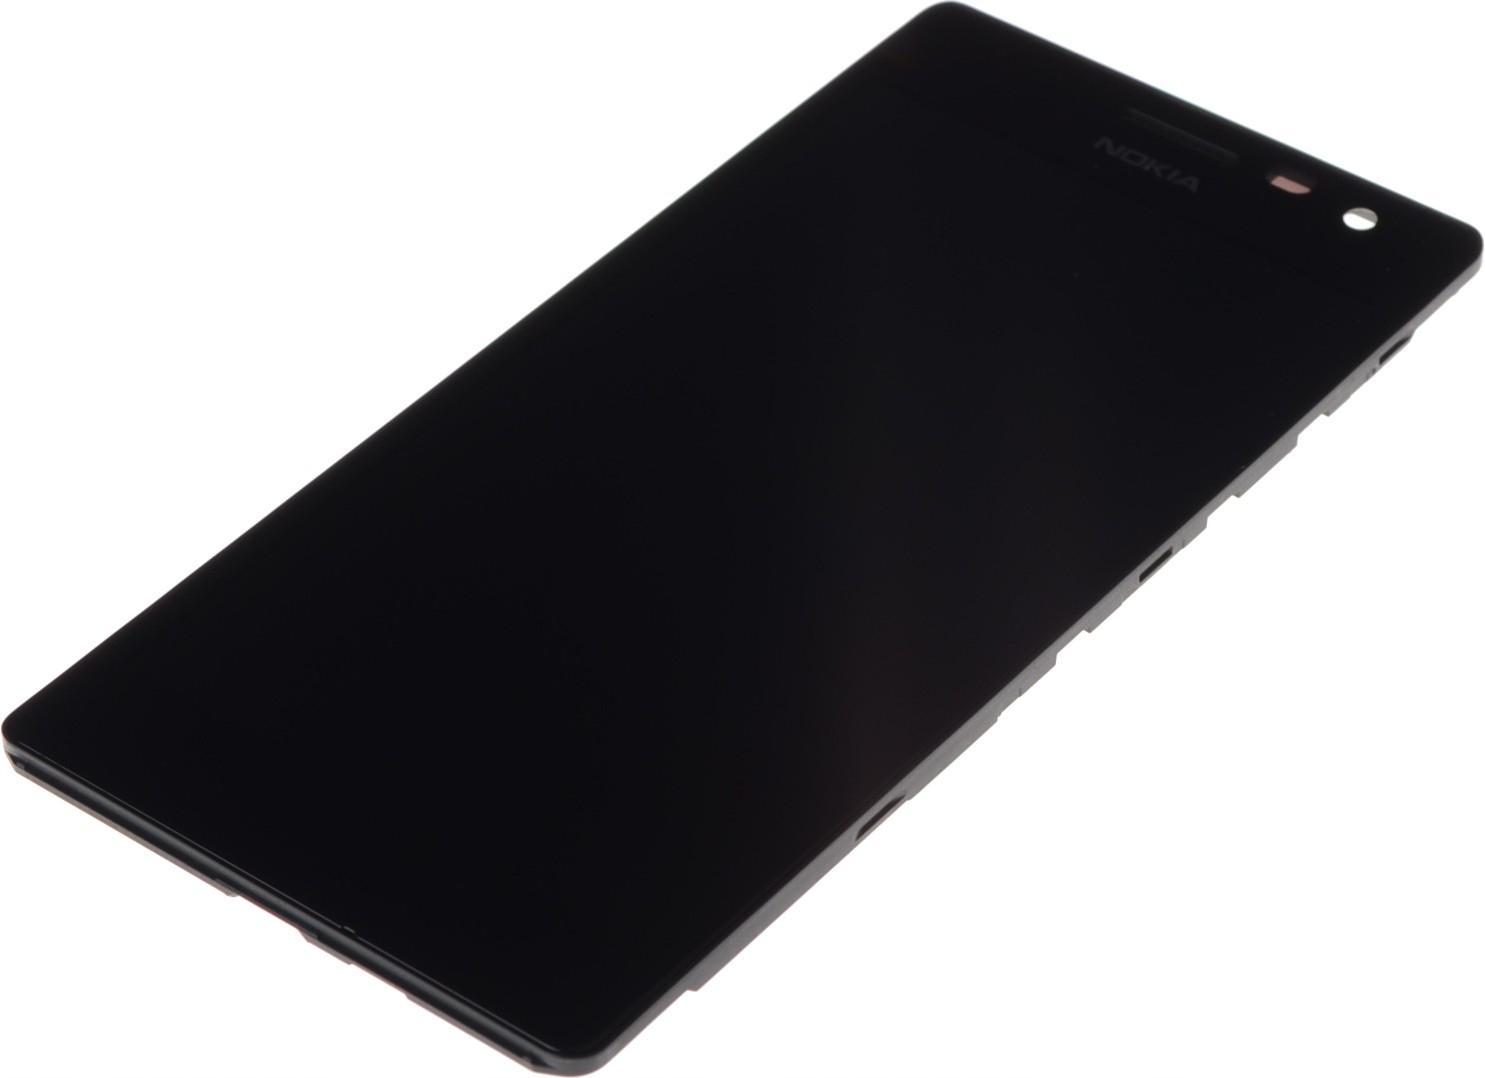 Wyświetlacz Lcd Nokia Lumia 730 735 dotyk szybka